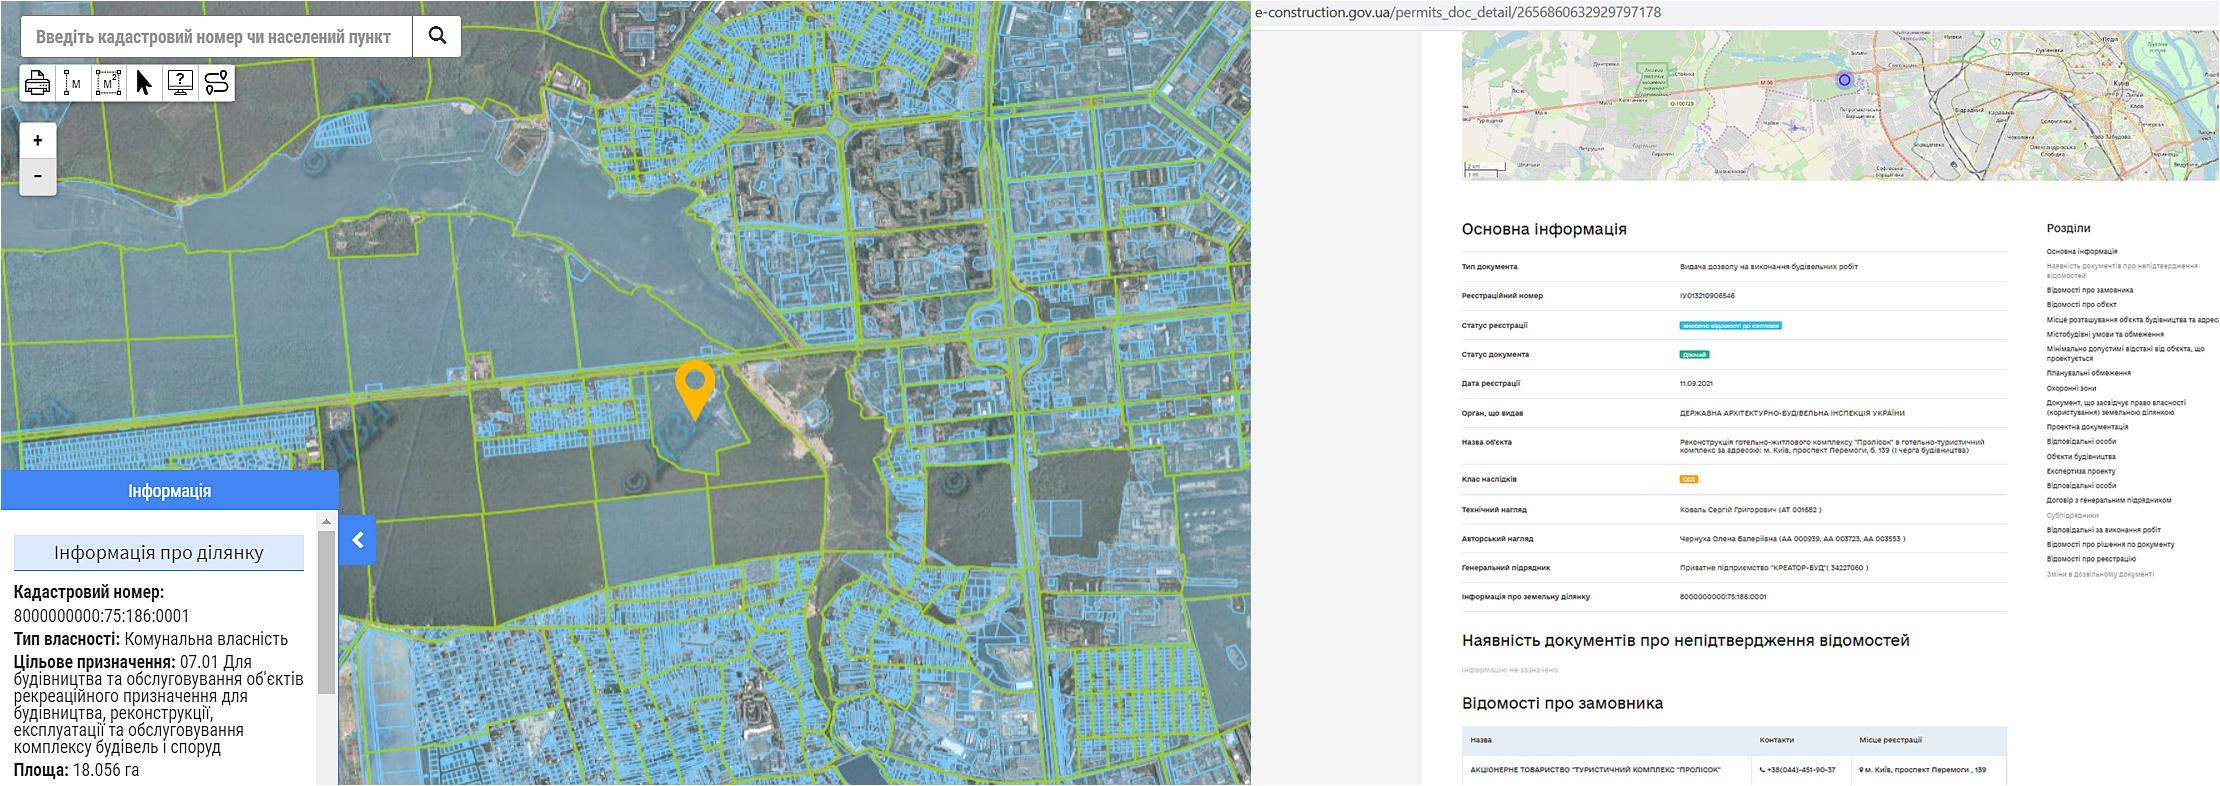 Проект ЖК на проспекте Победы, 139 данные кадастра и Разрешение в реестре